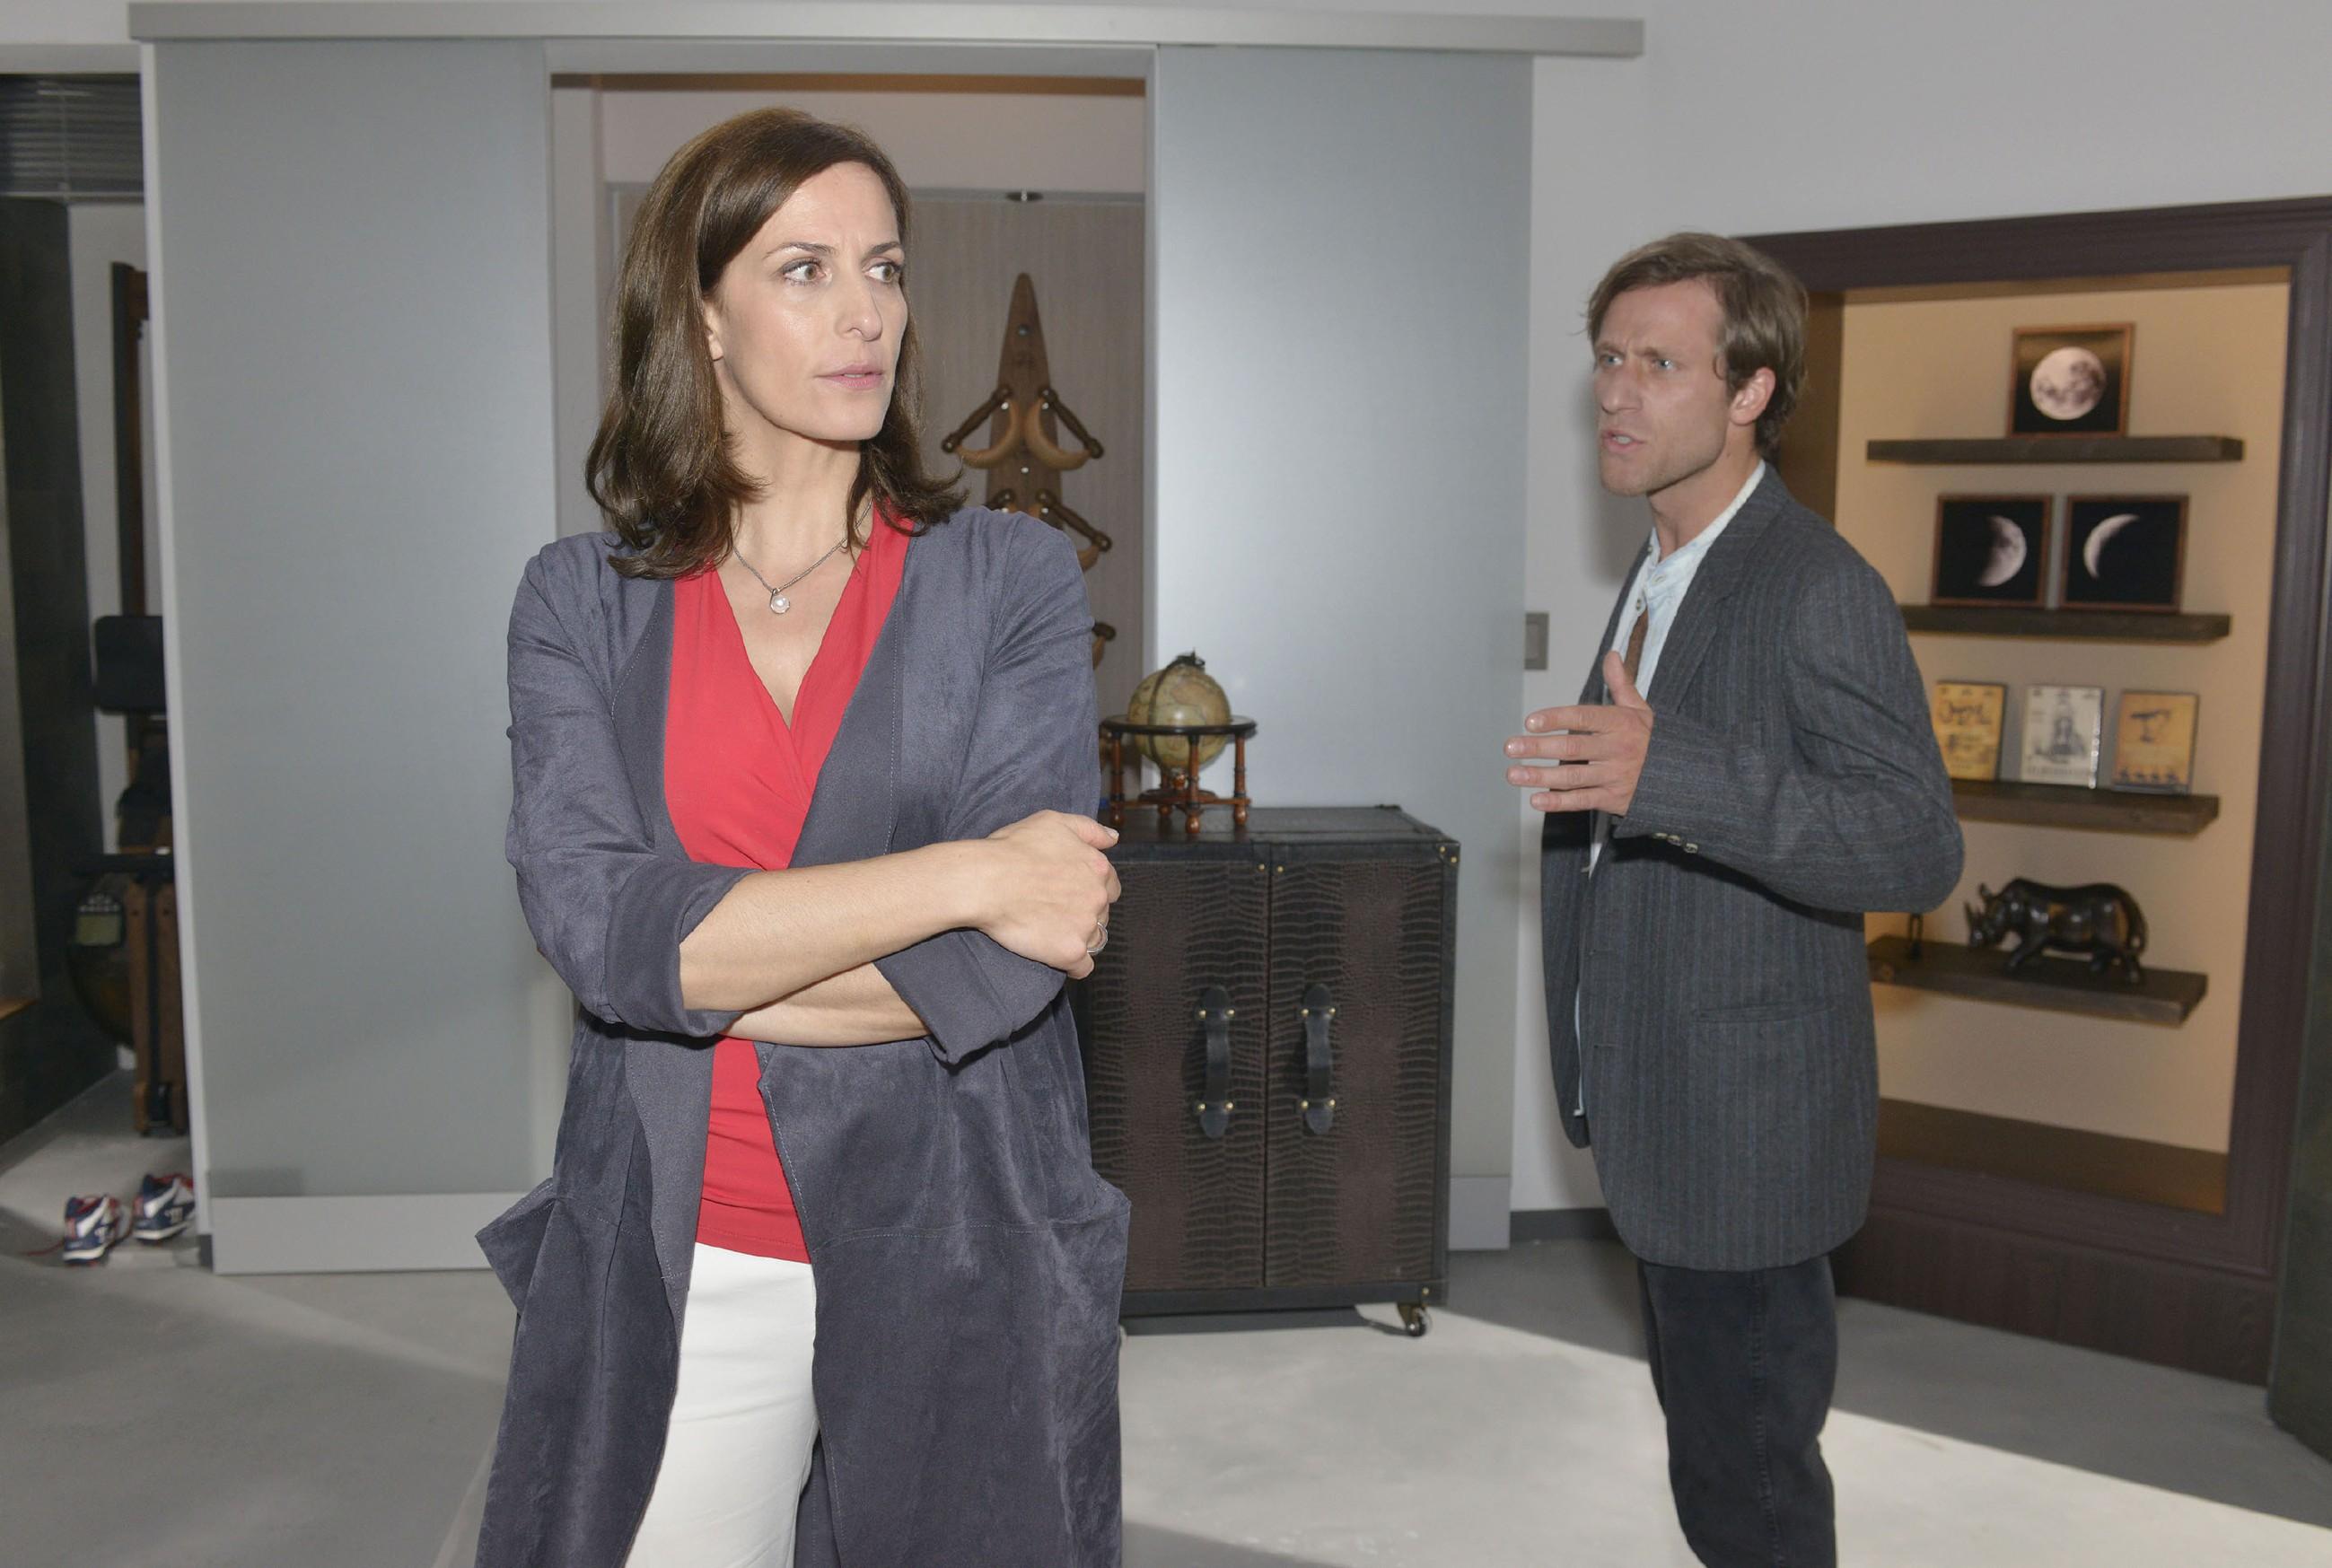 Als es zu einer ehrlichen Aussprache zwischen Katrin (Ulrike Frank) und Bommel (Merlin Leonhardt) kommt, kochen die alte Emotionen hoch... (Quelle: RTL / Rolf Baumgartner)